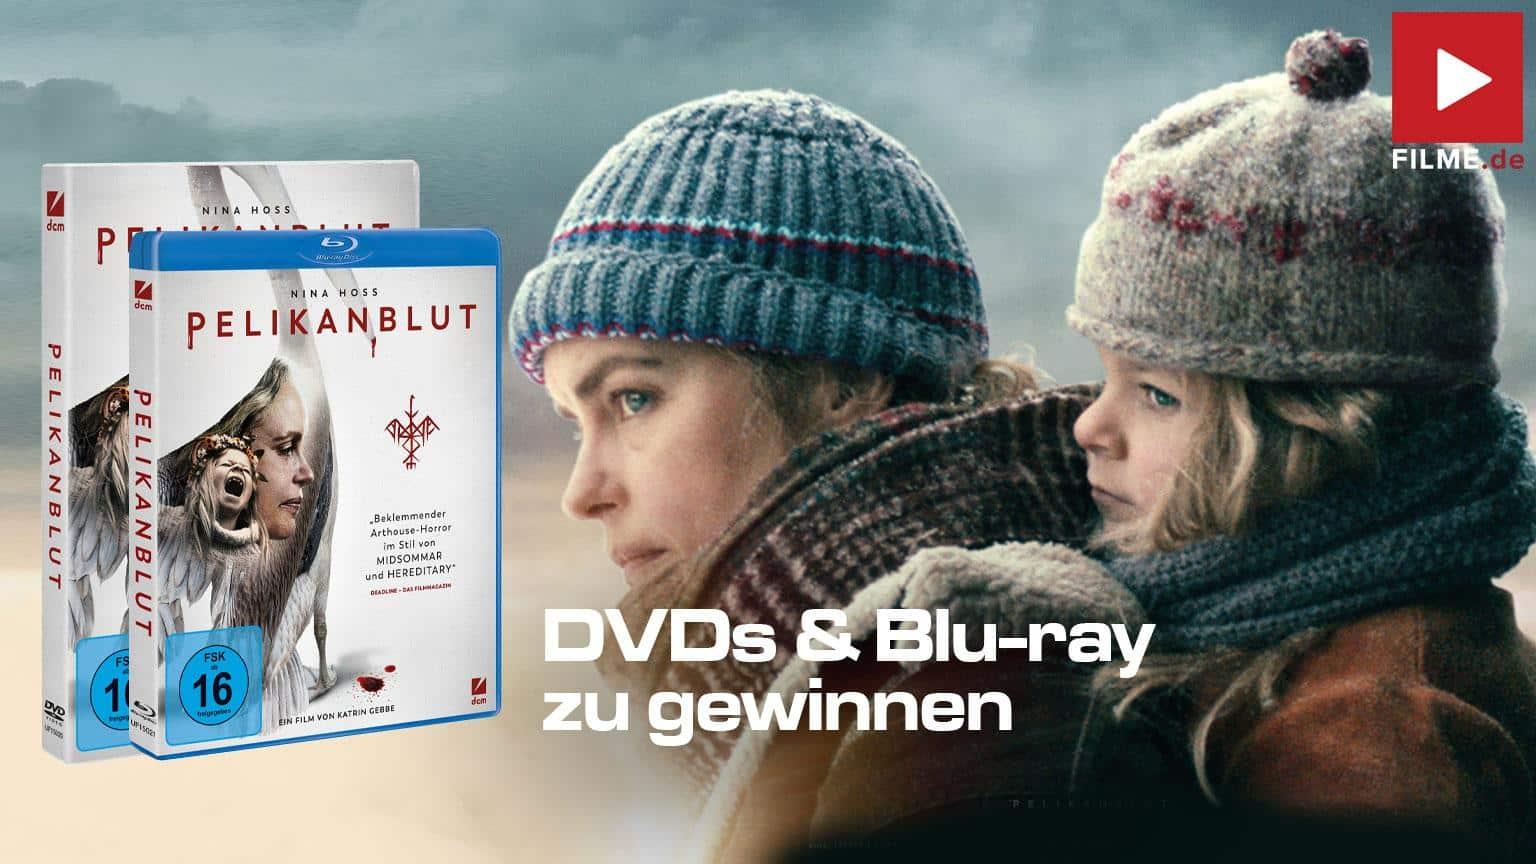 PELIKANBLUT – Aus Liebe zu meiner Tochter Gewinnspiel gewinnen Blu-ray DVD shop kaufen Artikelbild